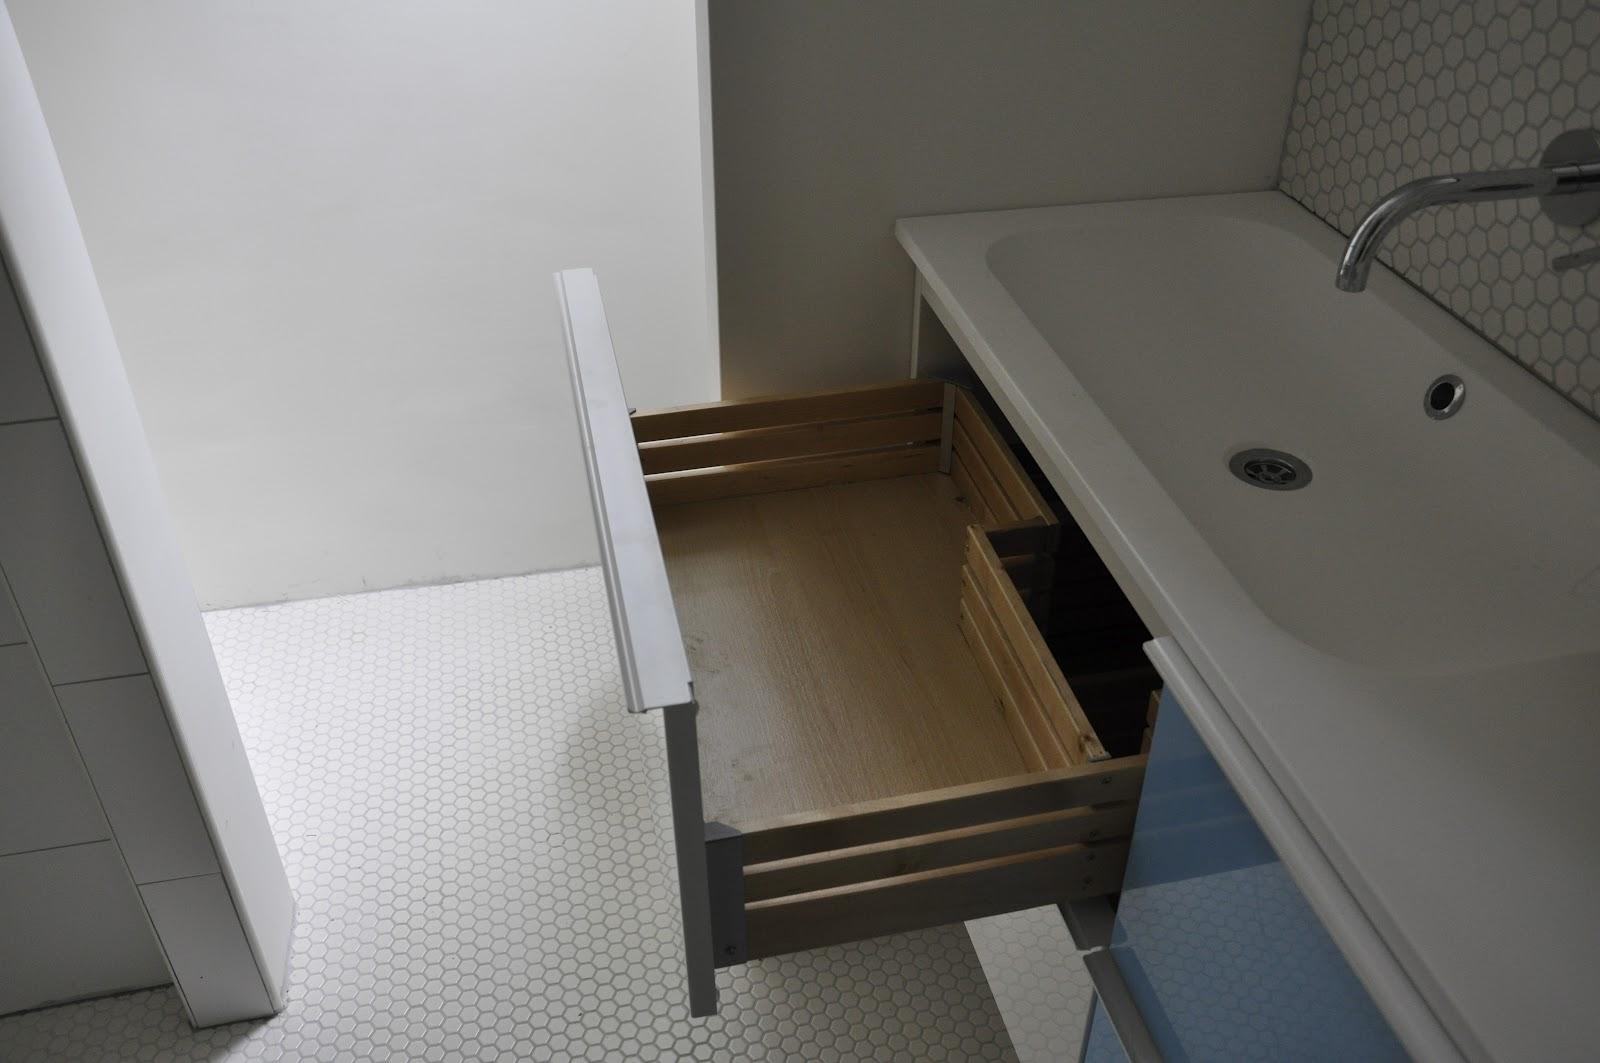 Ikea Badkamer Bovenkast : Extreem ikea douche meubel jp u aboriginaltourismontario